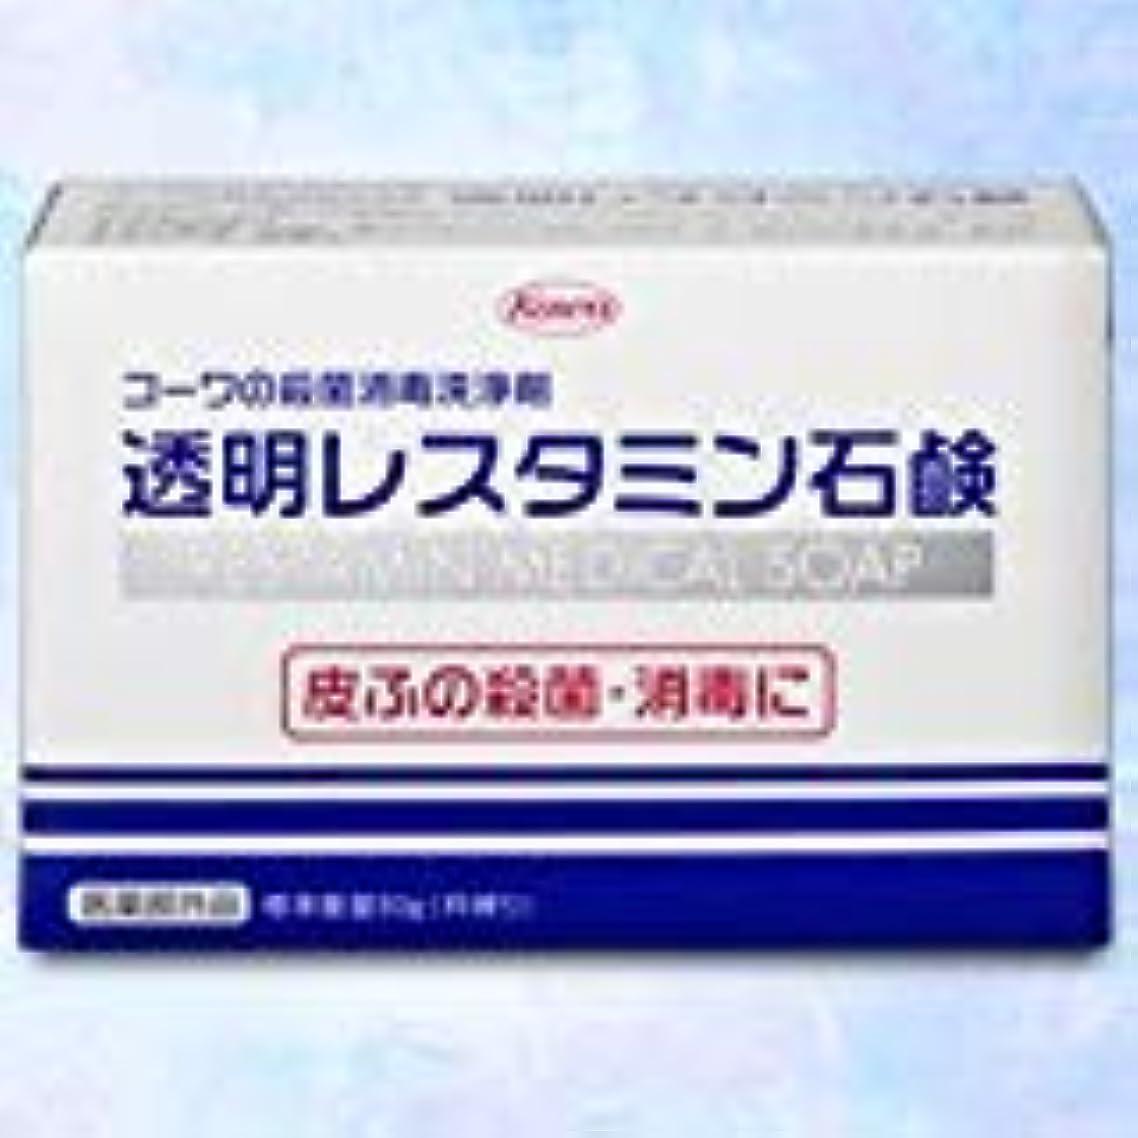 マルクス主義新年勢い【興和】コーワの殺菌消毒洗浄剤「透明レスタミン石鹸」80g(医薬部外品) ×3個セット